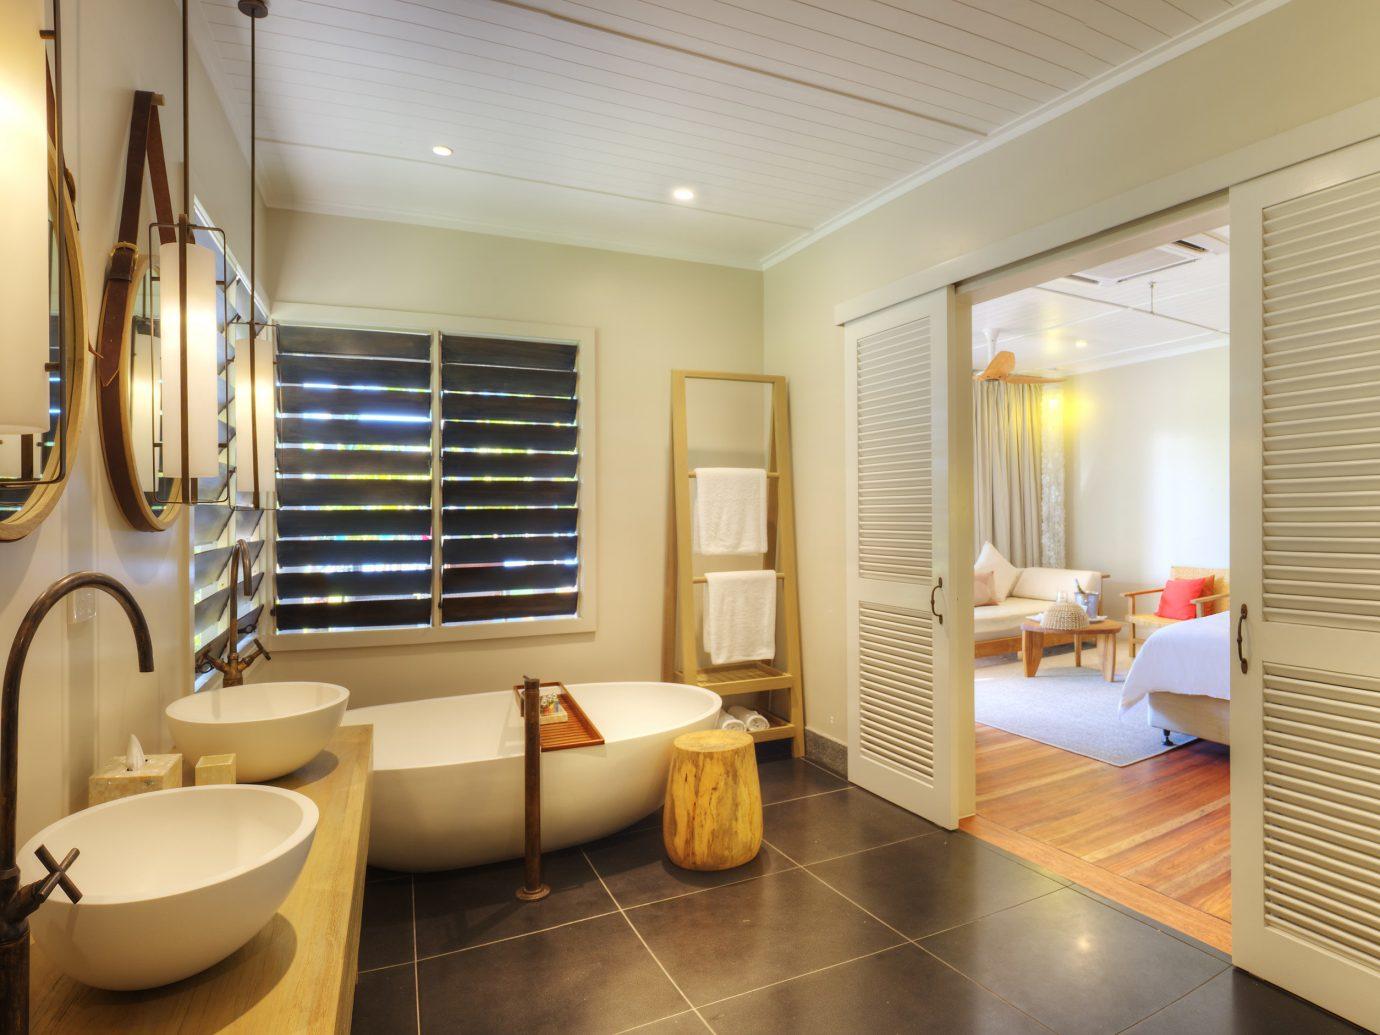 All-Inclusive Resorts Hotels Luxury Travel indoor wall floor ceiling room bathroom interior design real estate white Suite estate flooring interior designer furniture